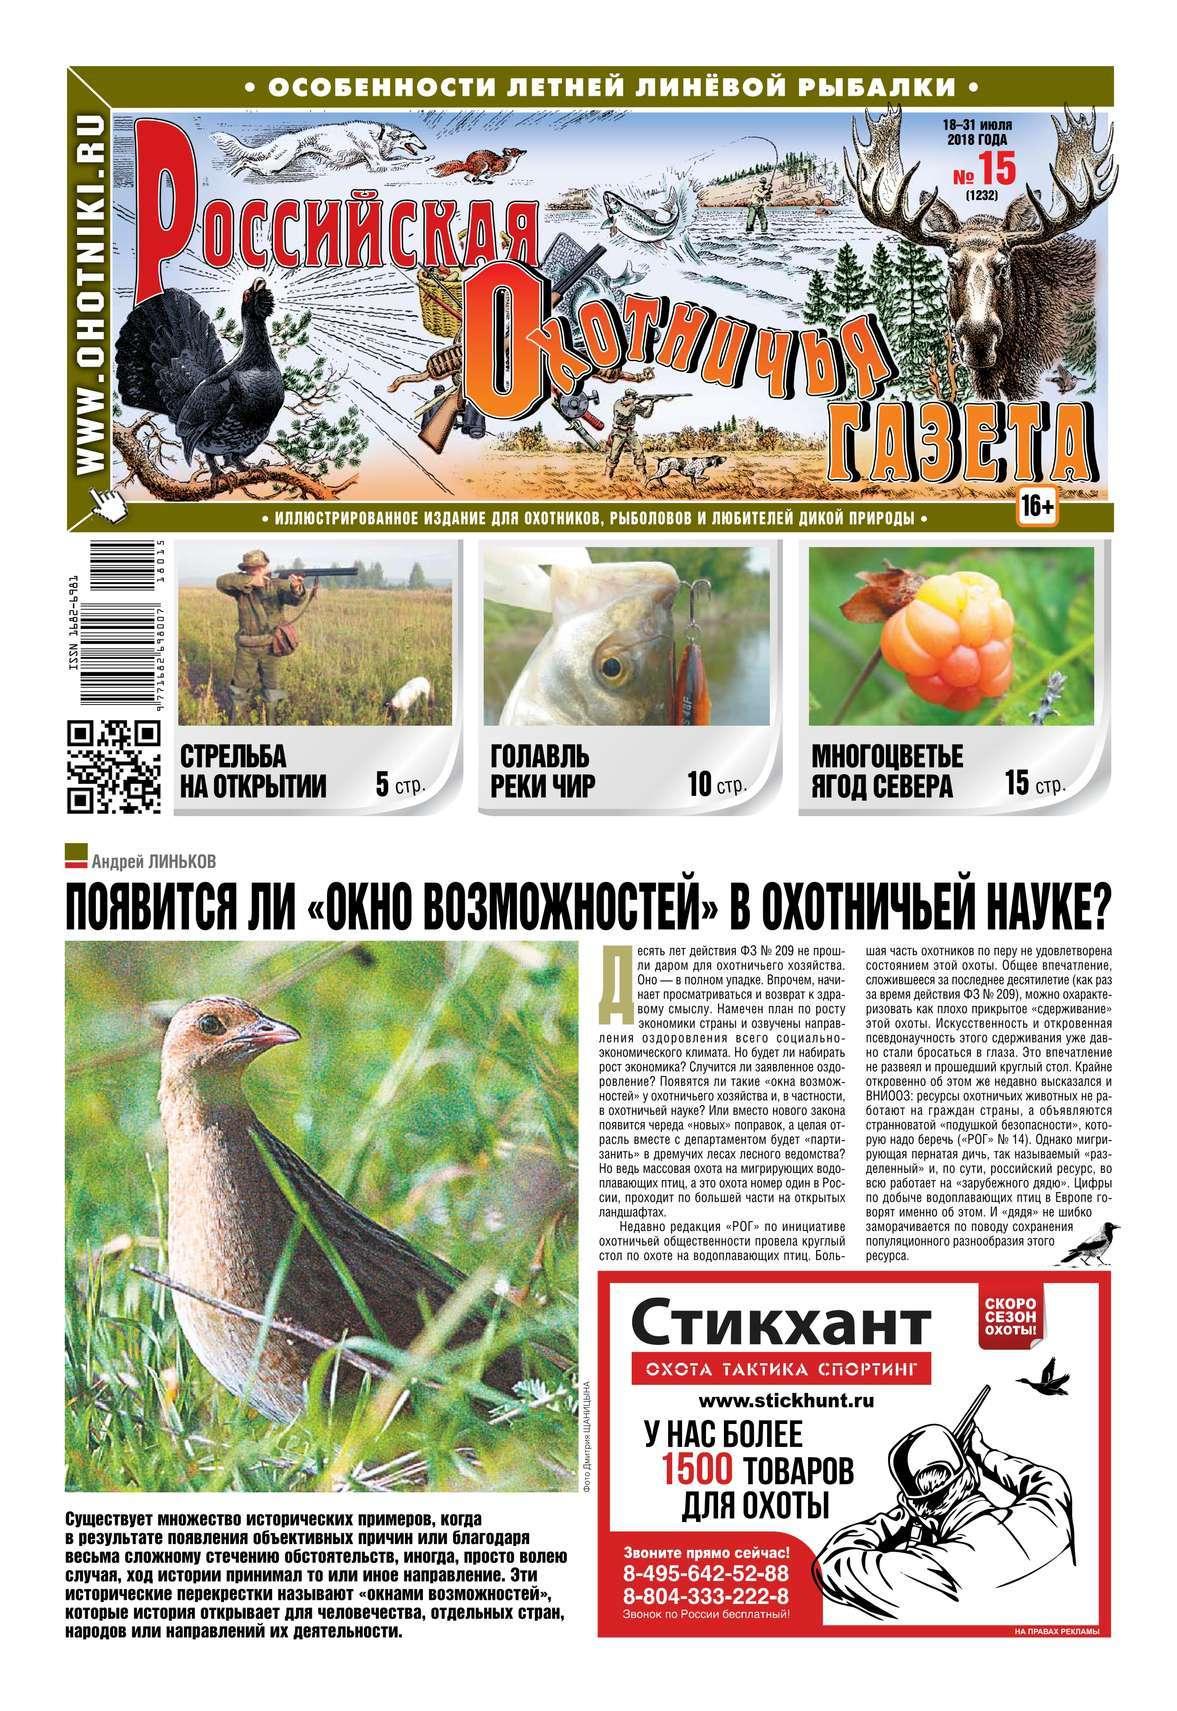 Российская Охотничья Газета 15-2018